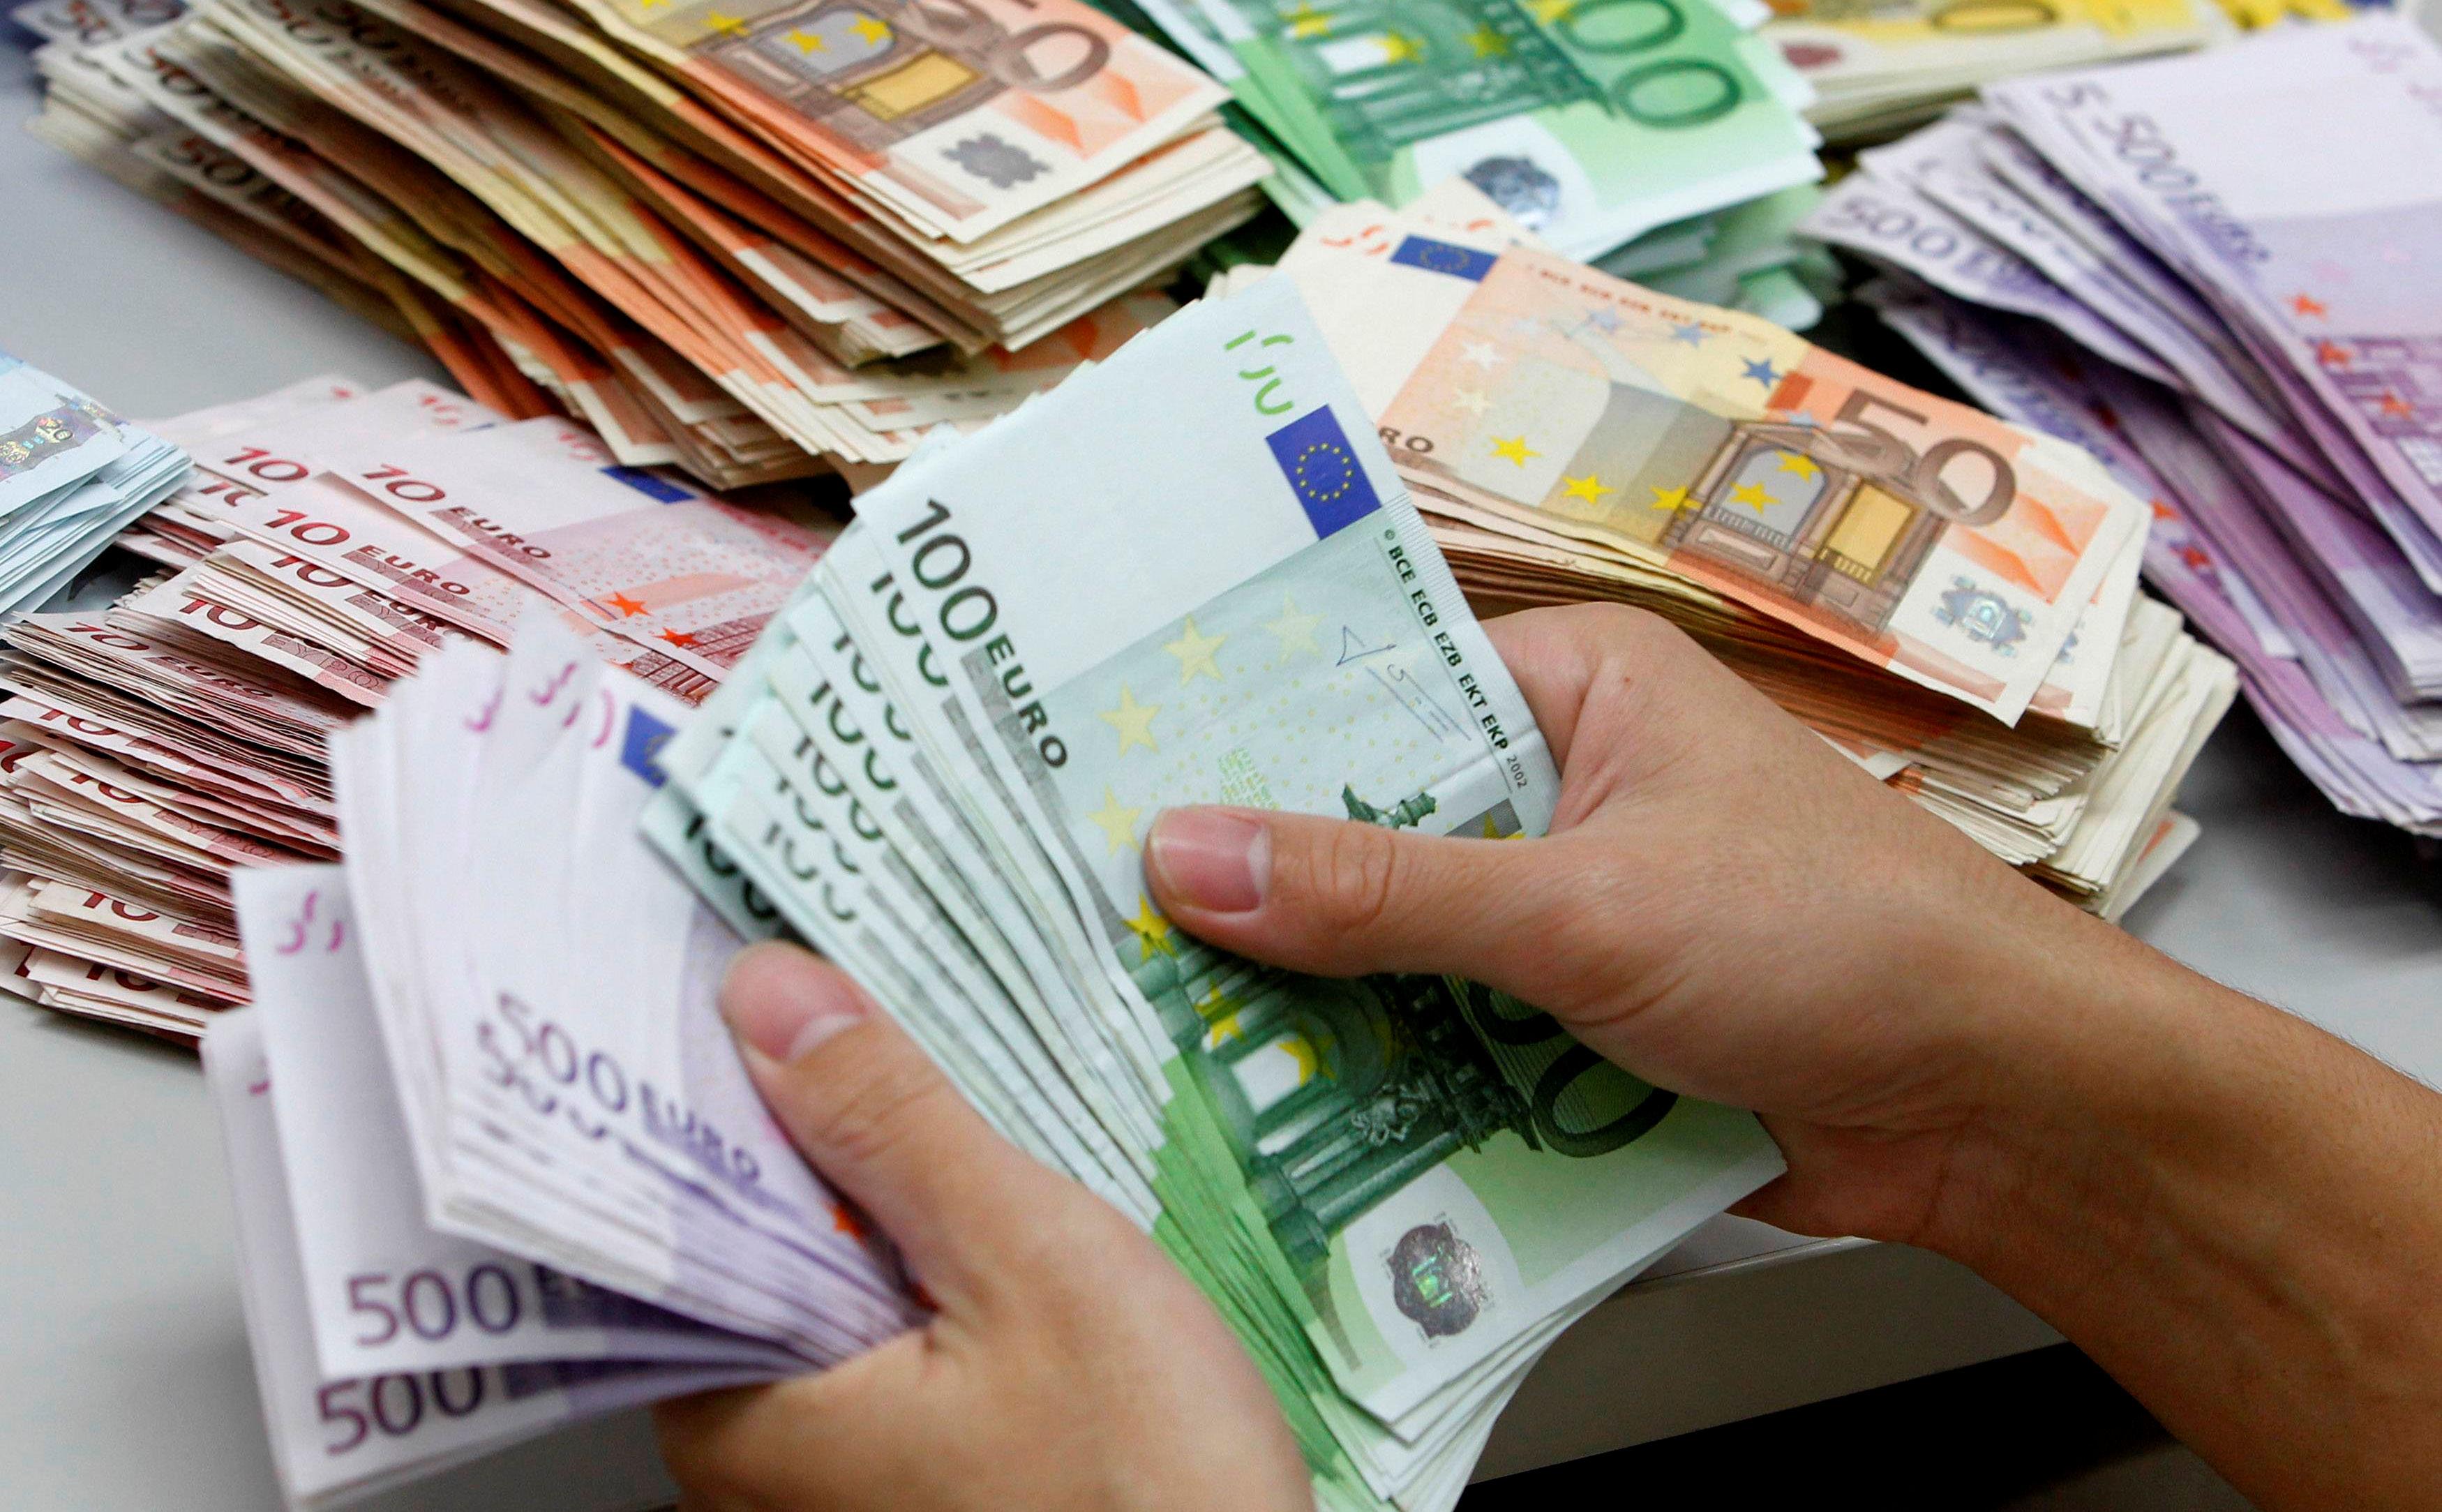 mb trading future margin come guadagnare soldi reali